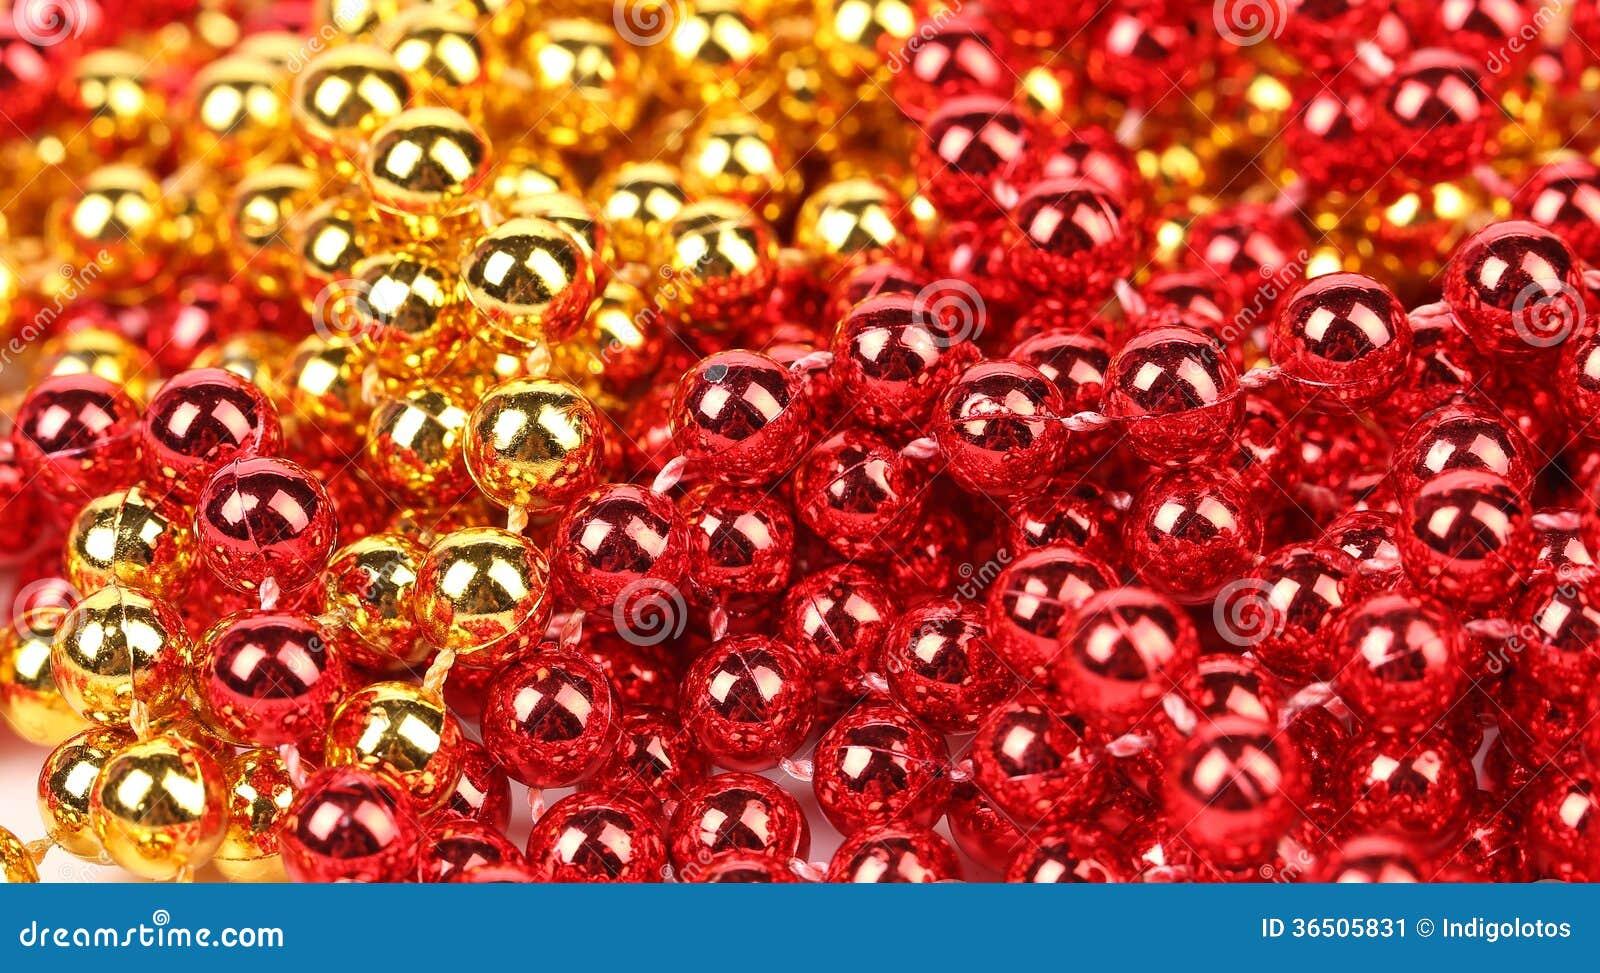 Fermez-vous de l or et des perles rouges.